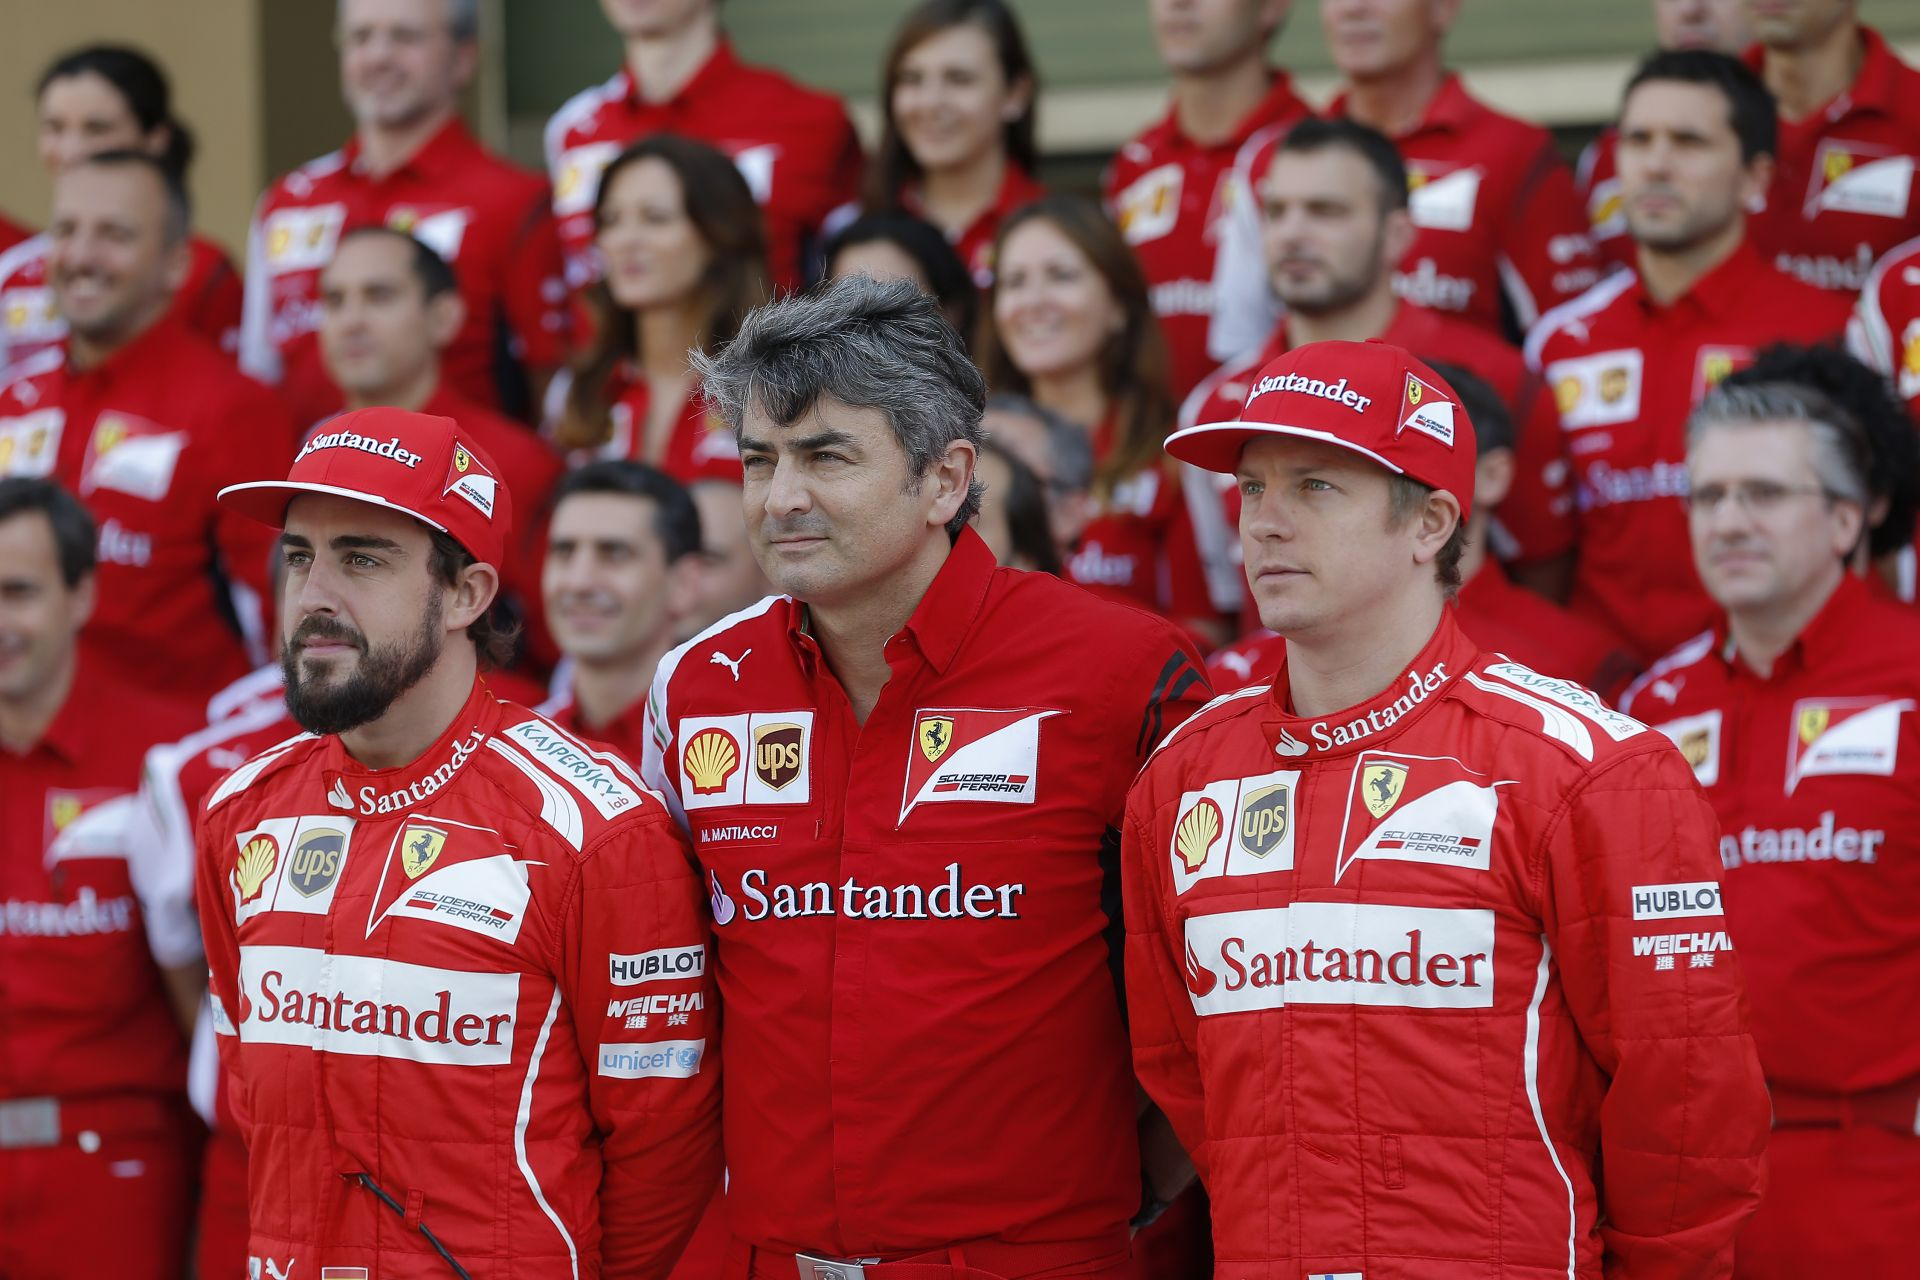 Ismét új csapatfőnököt kaphat a Ferrari: Marco Mattiacci távozik?!